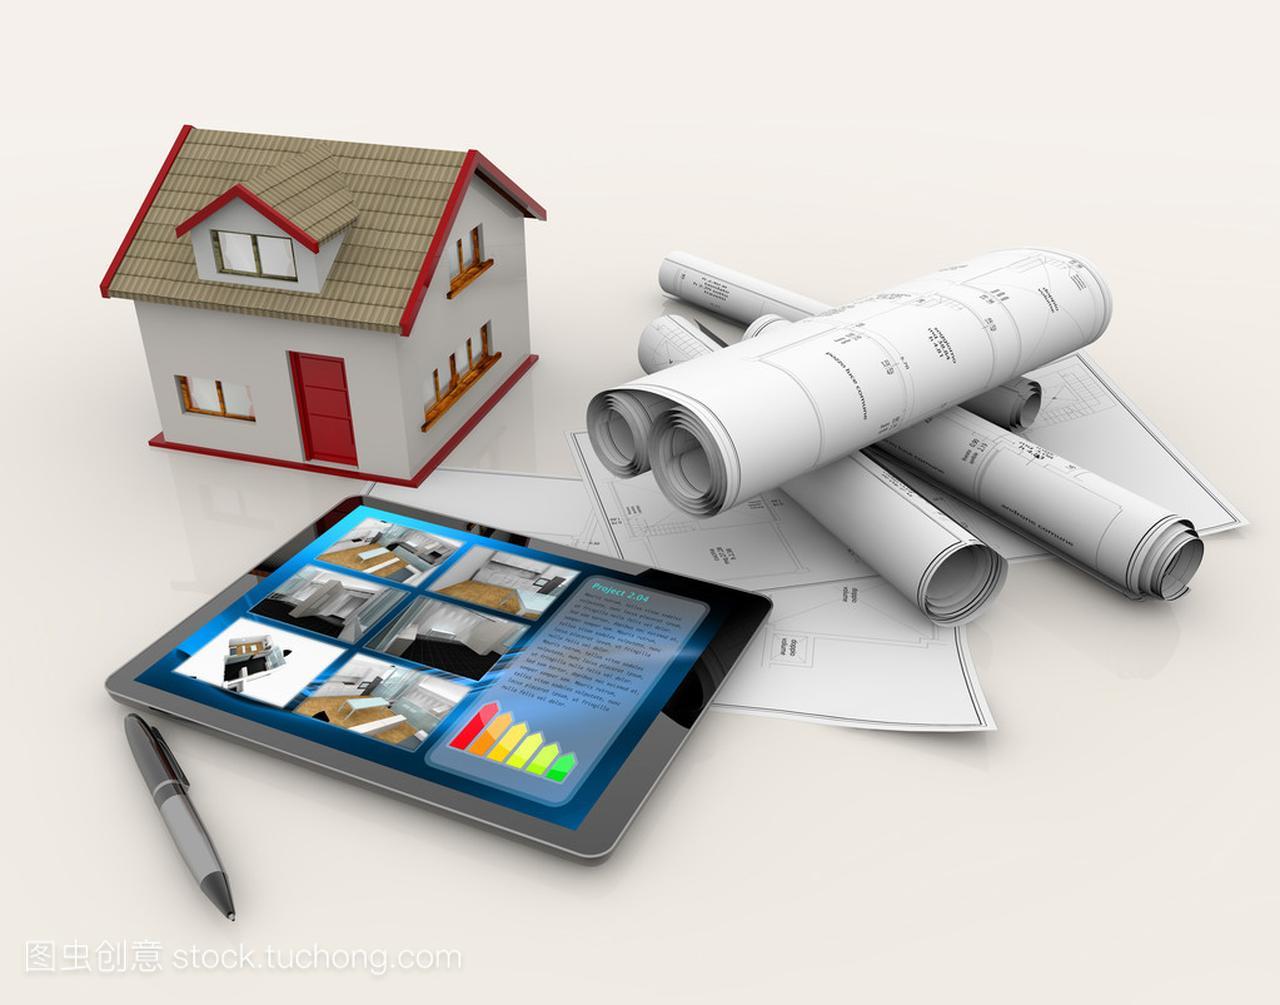 图纸房子、模型、平板电脑和笔的v图纸泥浆泵图纸图片